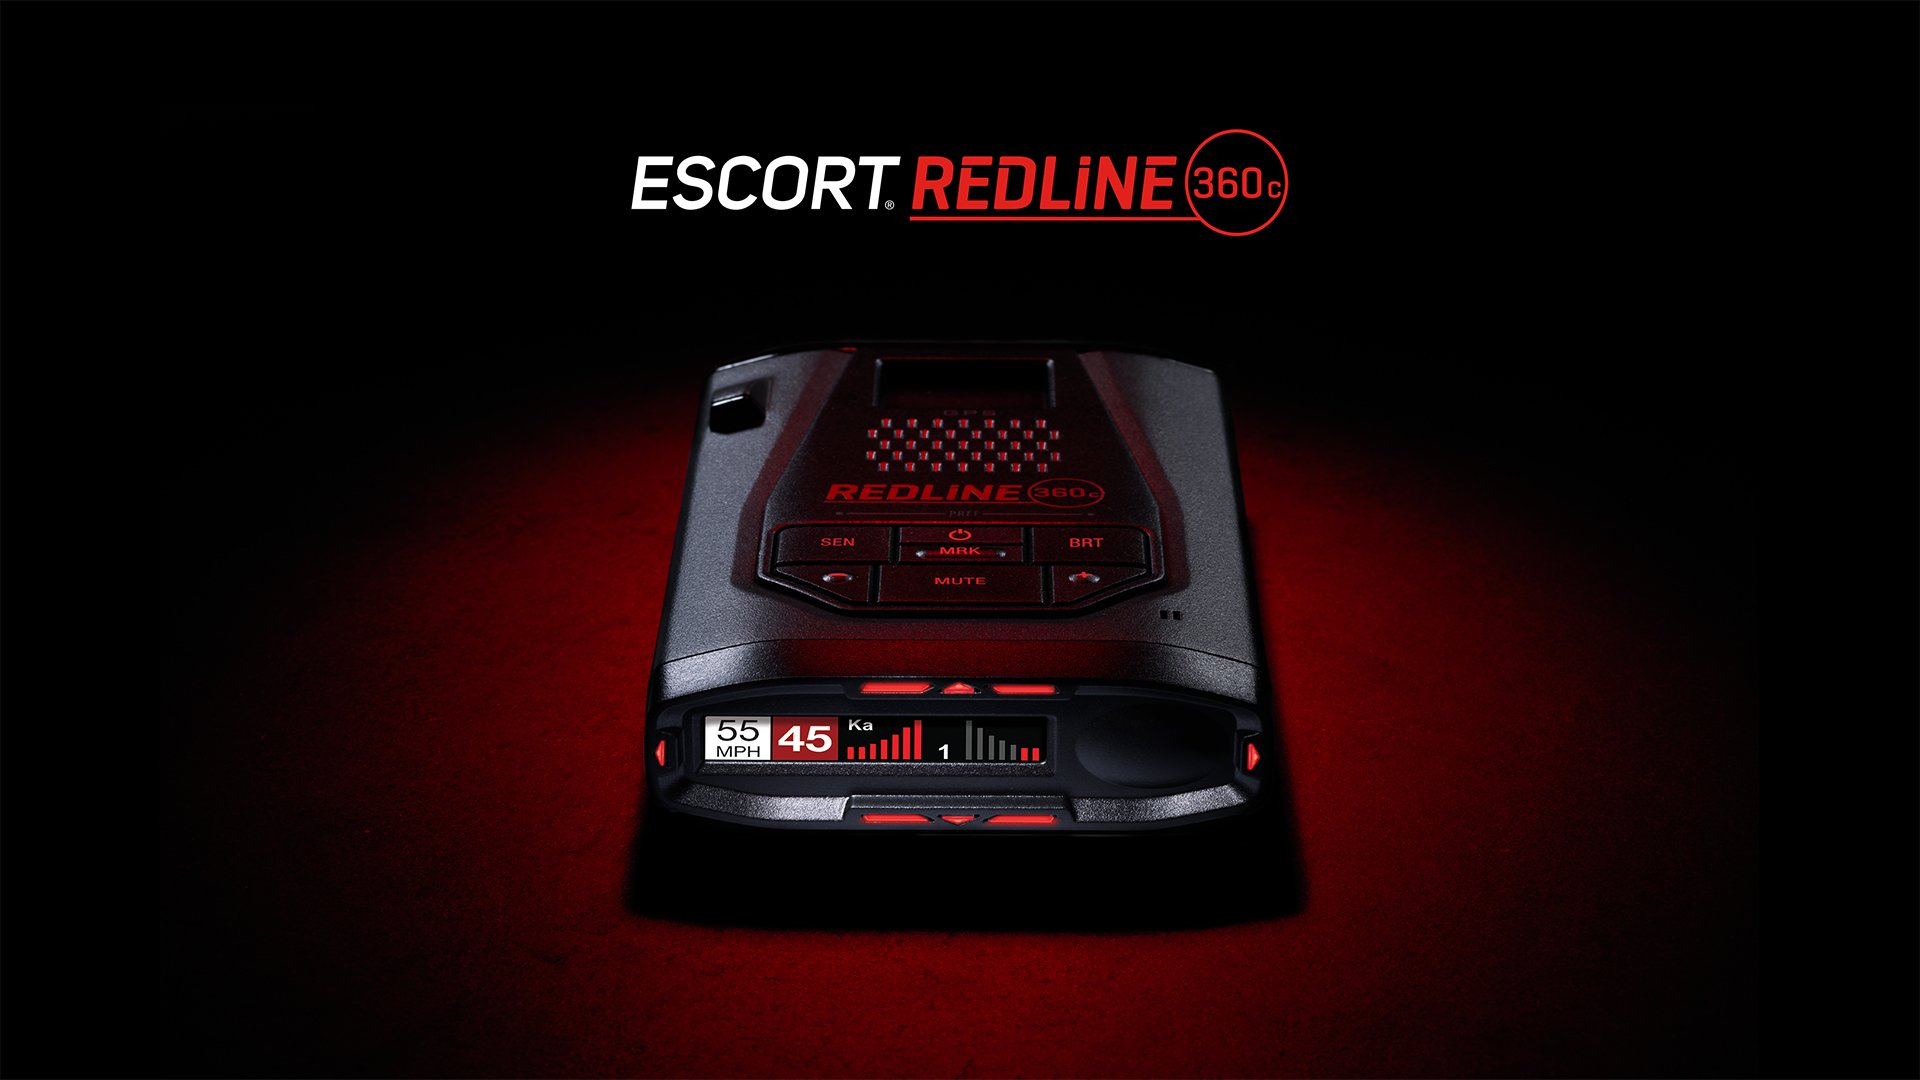 Escort Redline 360c detector de radar legal en los EU